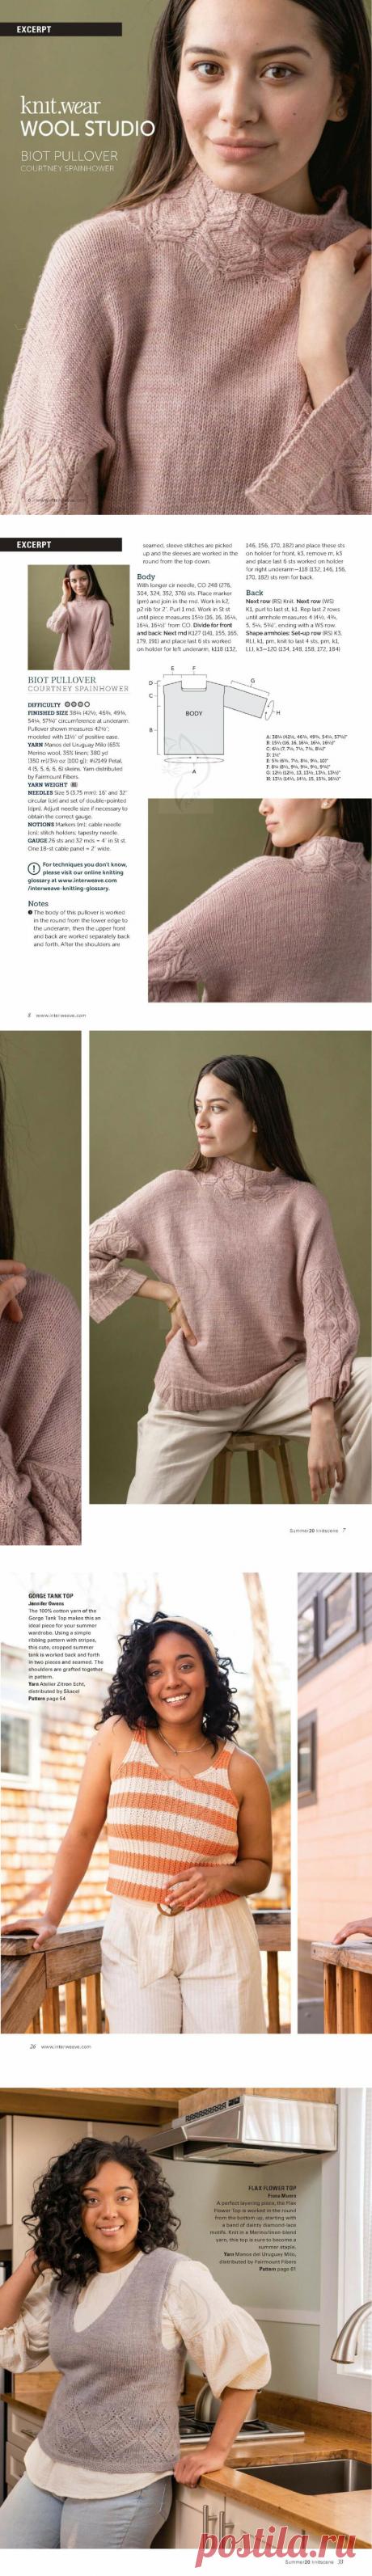 Обзор летних моделей для дома и отдыха от дизайнеров из Великобритании   Сундучок с подарками   Яндекс Дзен